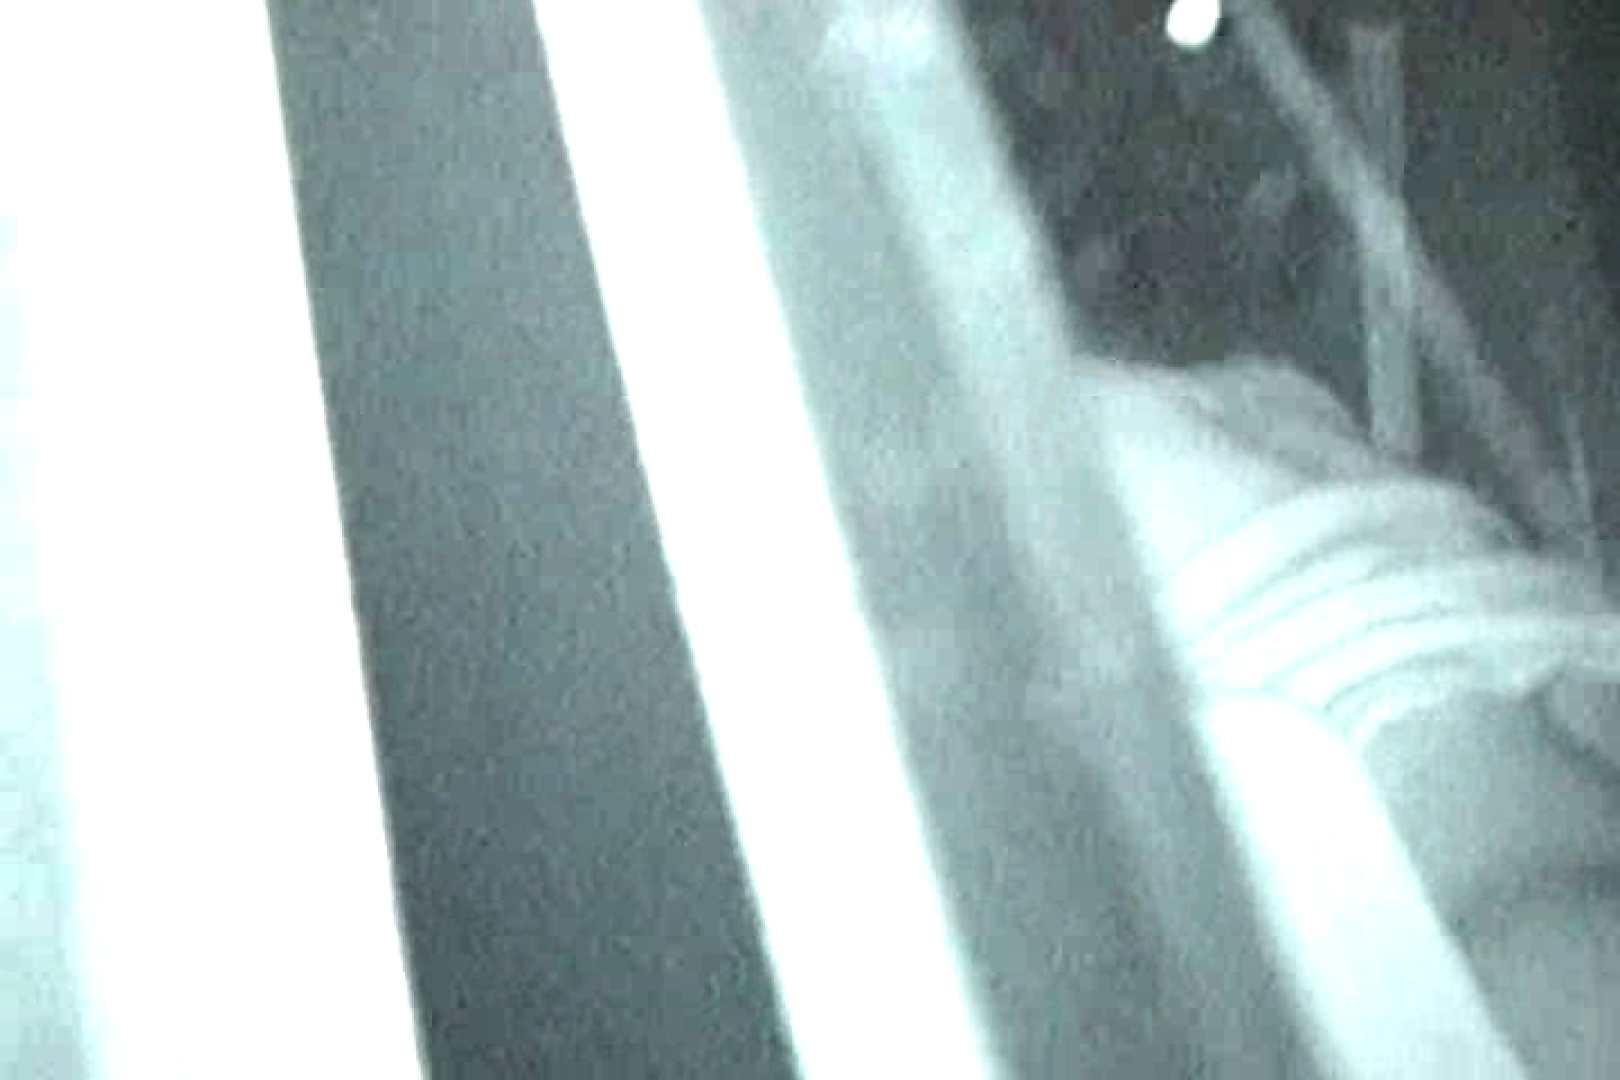 充血監督の深夜の運動会Vol.8 乳首 覗きおまんこ画像 75pic 59